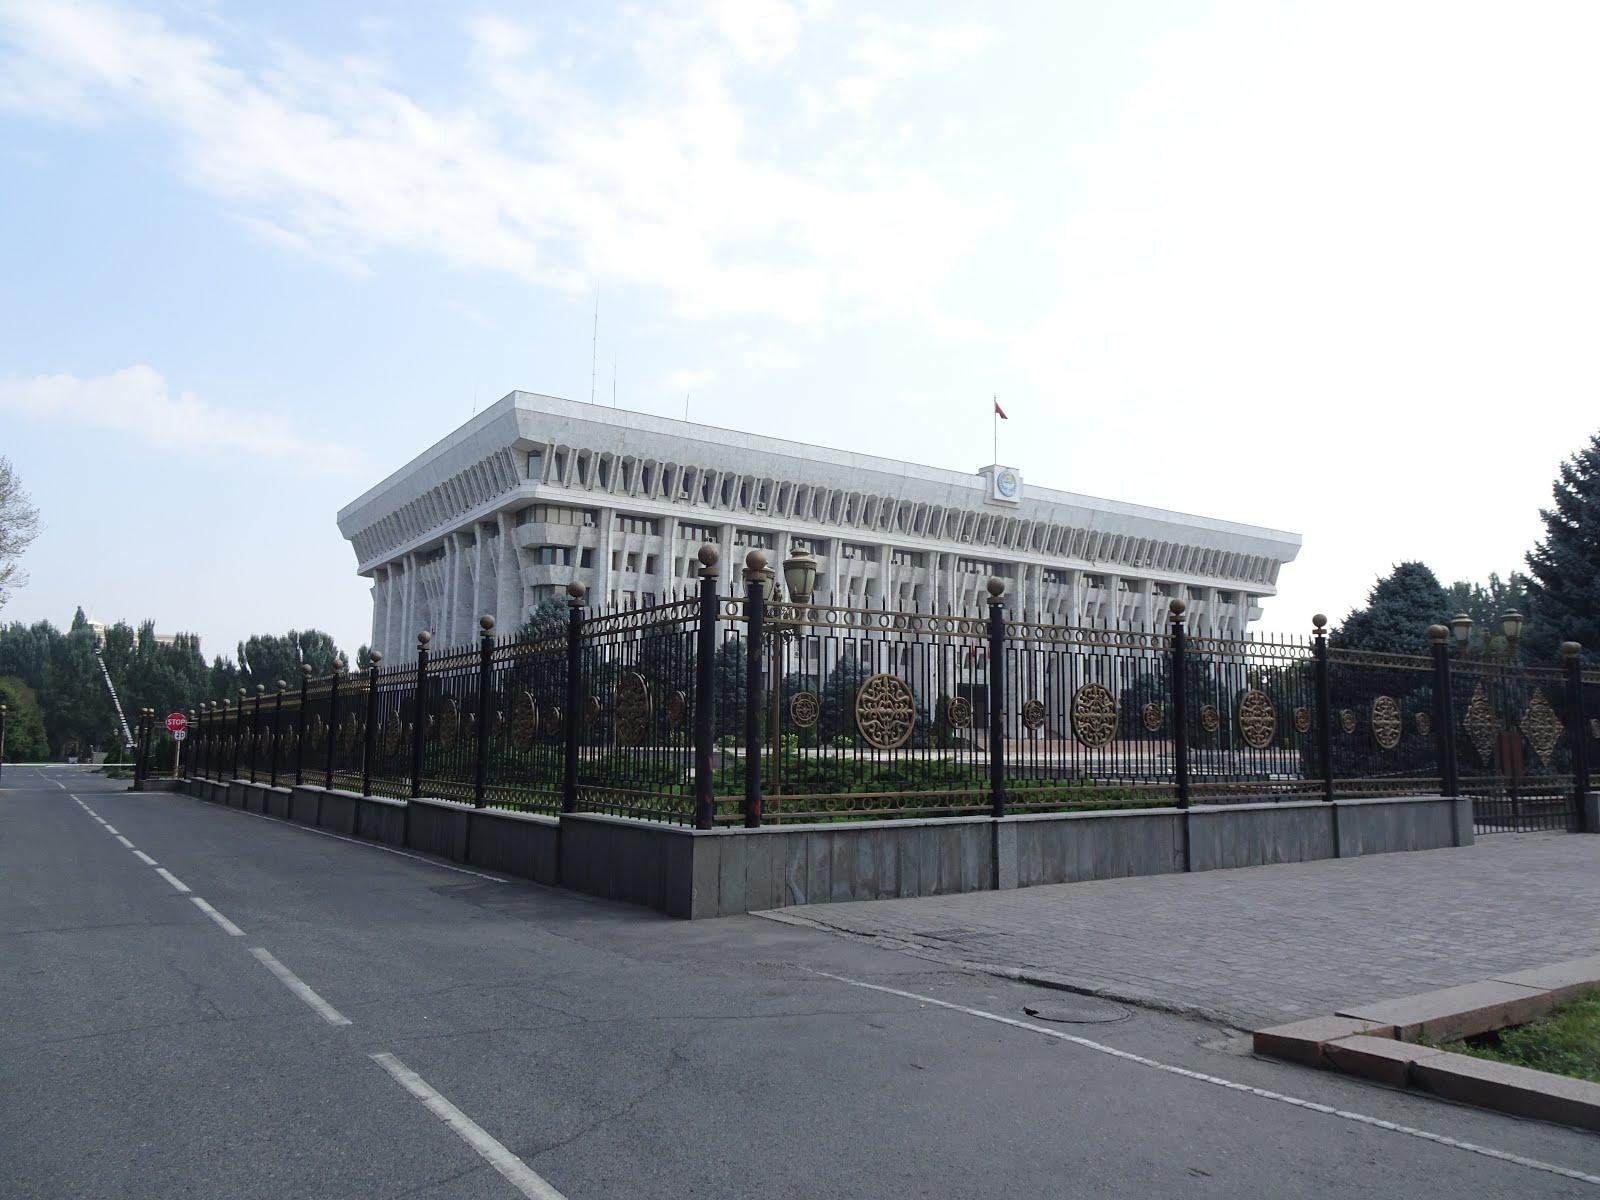 漫遊九十國: 我所遊覽過的中亞國家 - 吉爾吉斯 - 比斯凱克 (Bishkek) (一)